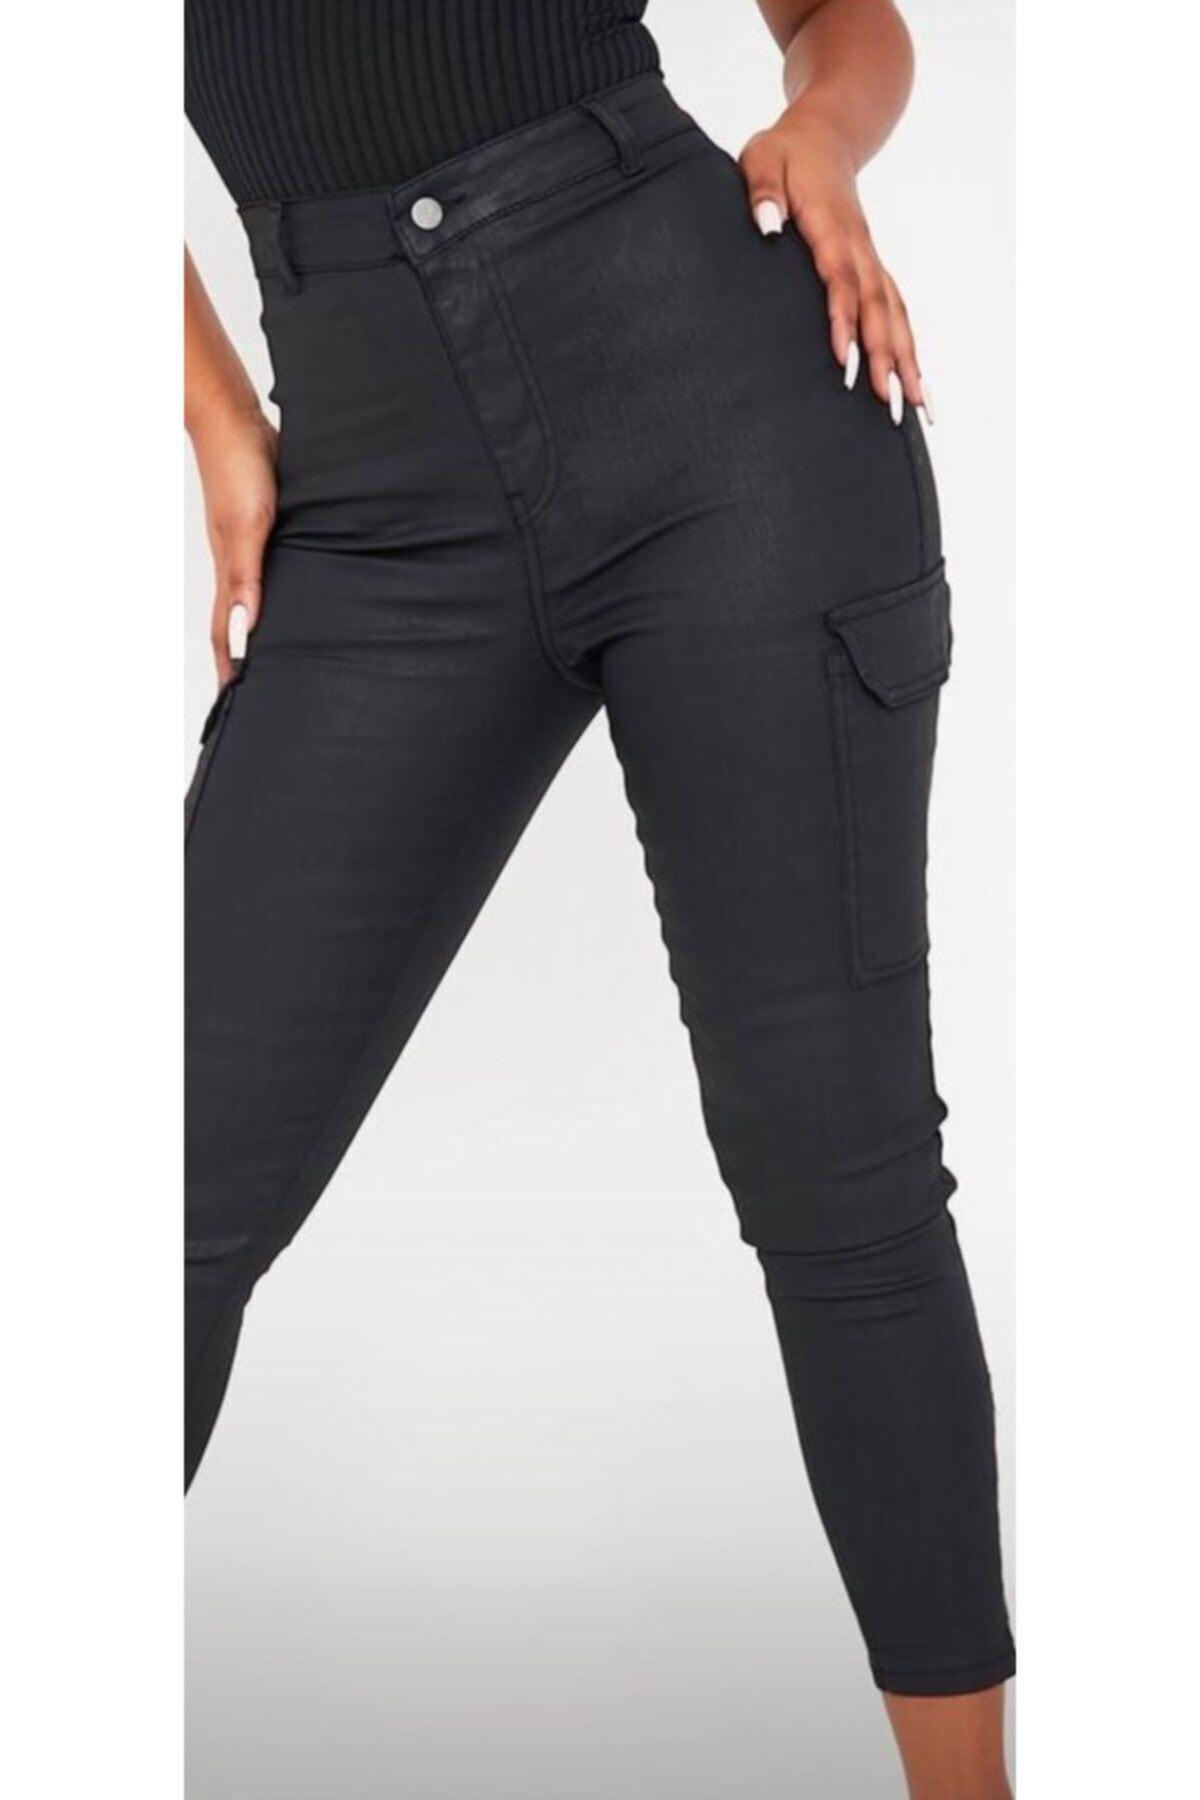 The Ness Collection Siyah Cepli Deri Görünümlü Kadın Kargo Pantolon 2